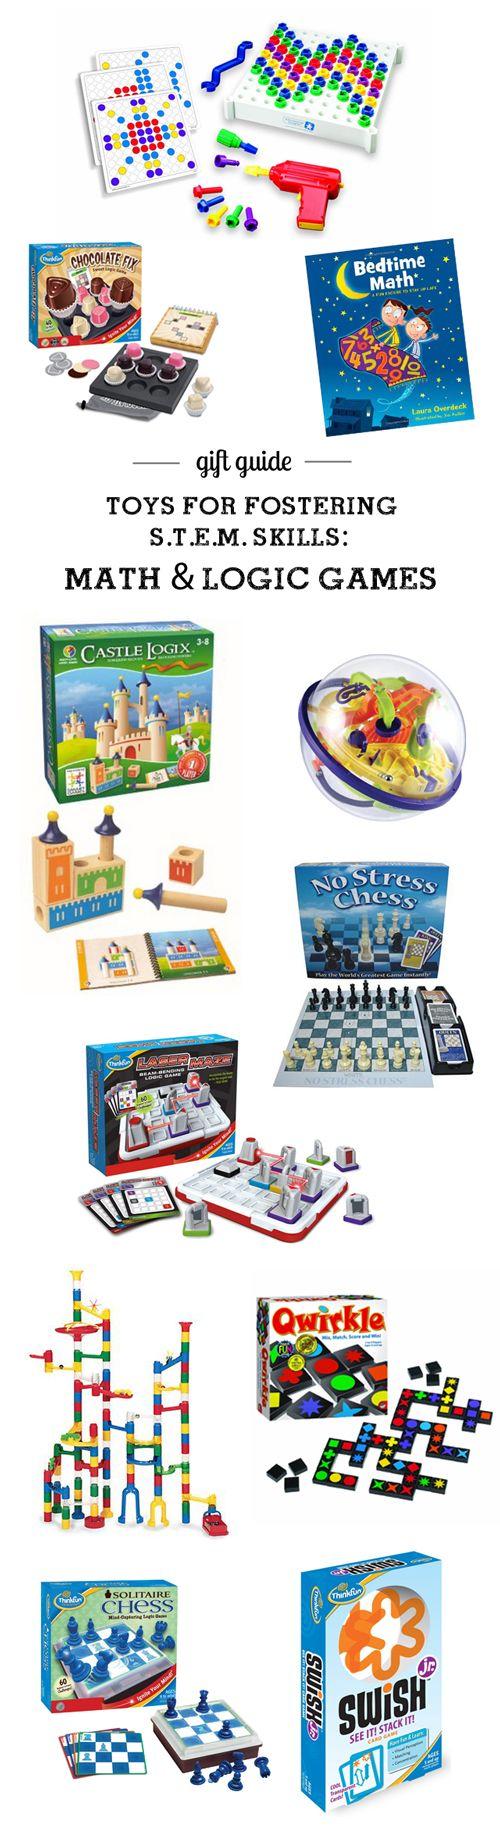 133 besten Gifts for Kids Bilder auf Pinterest | Spielzeug ...